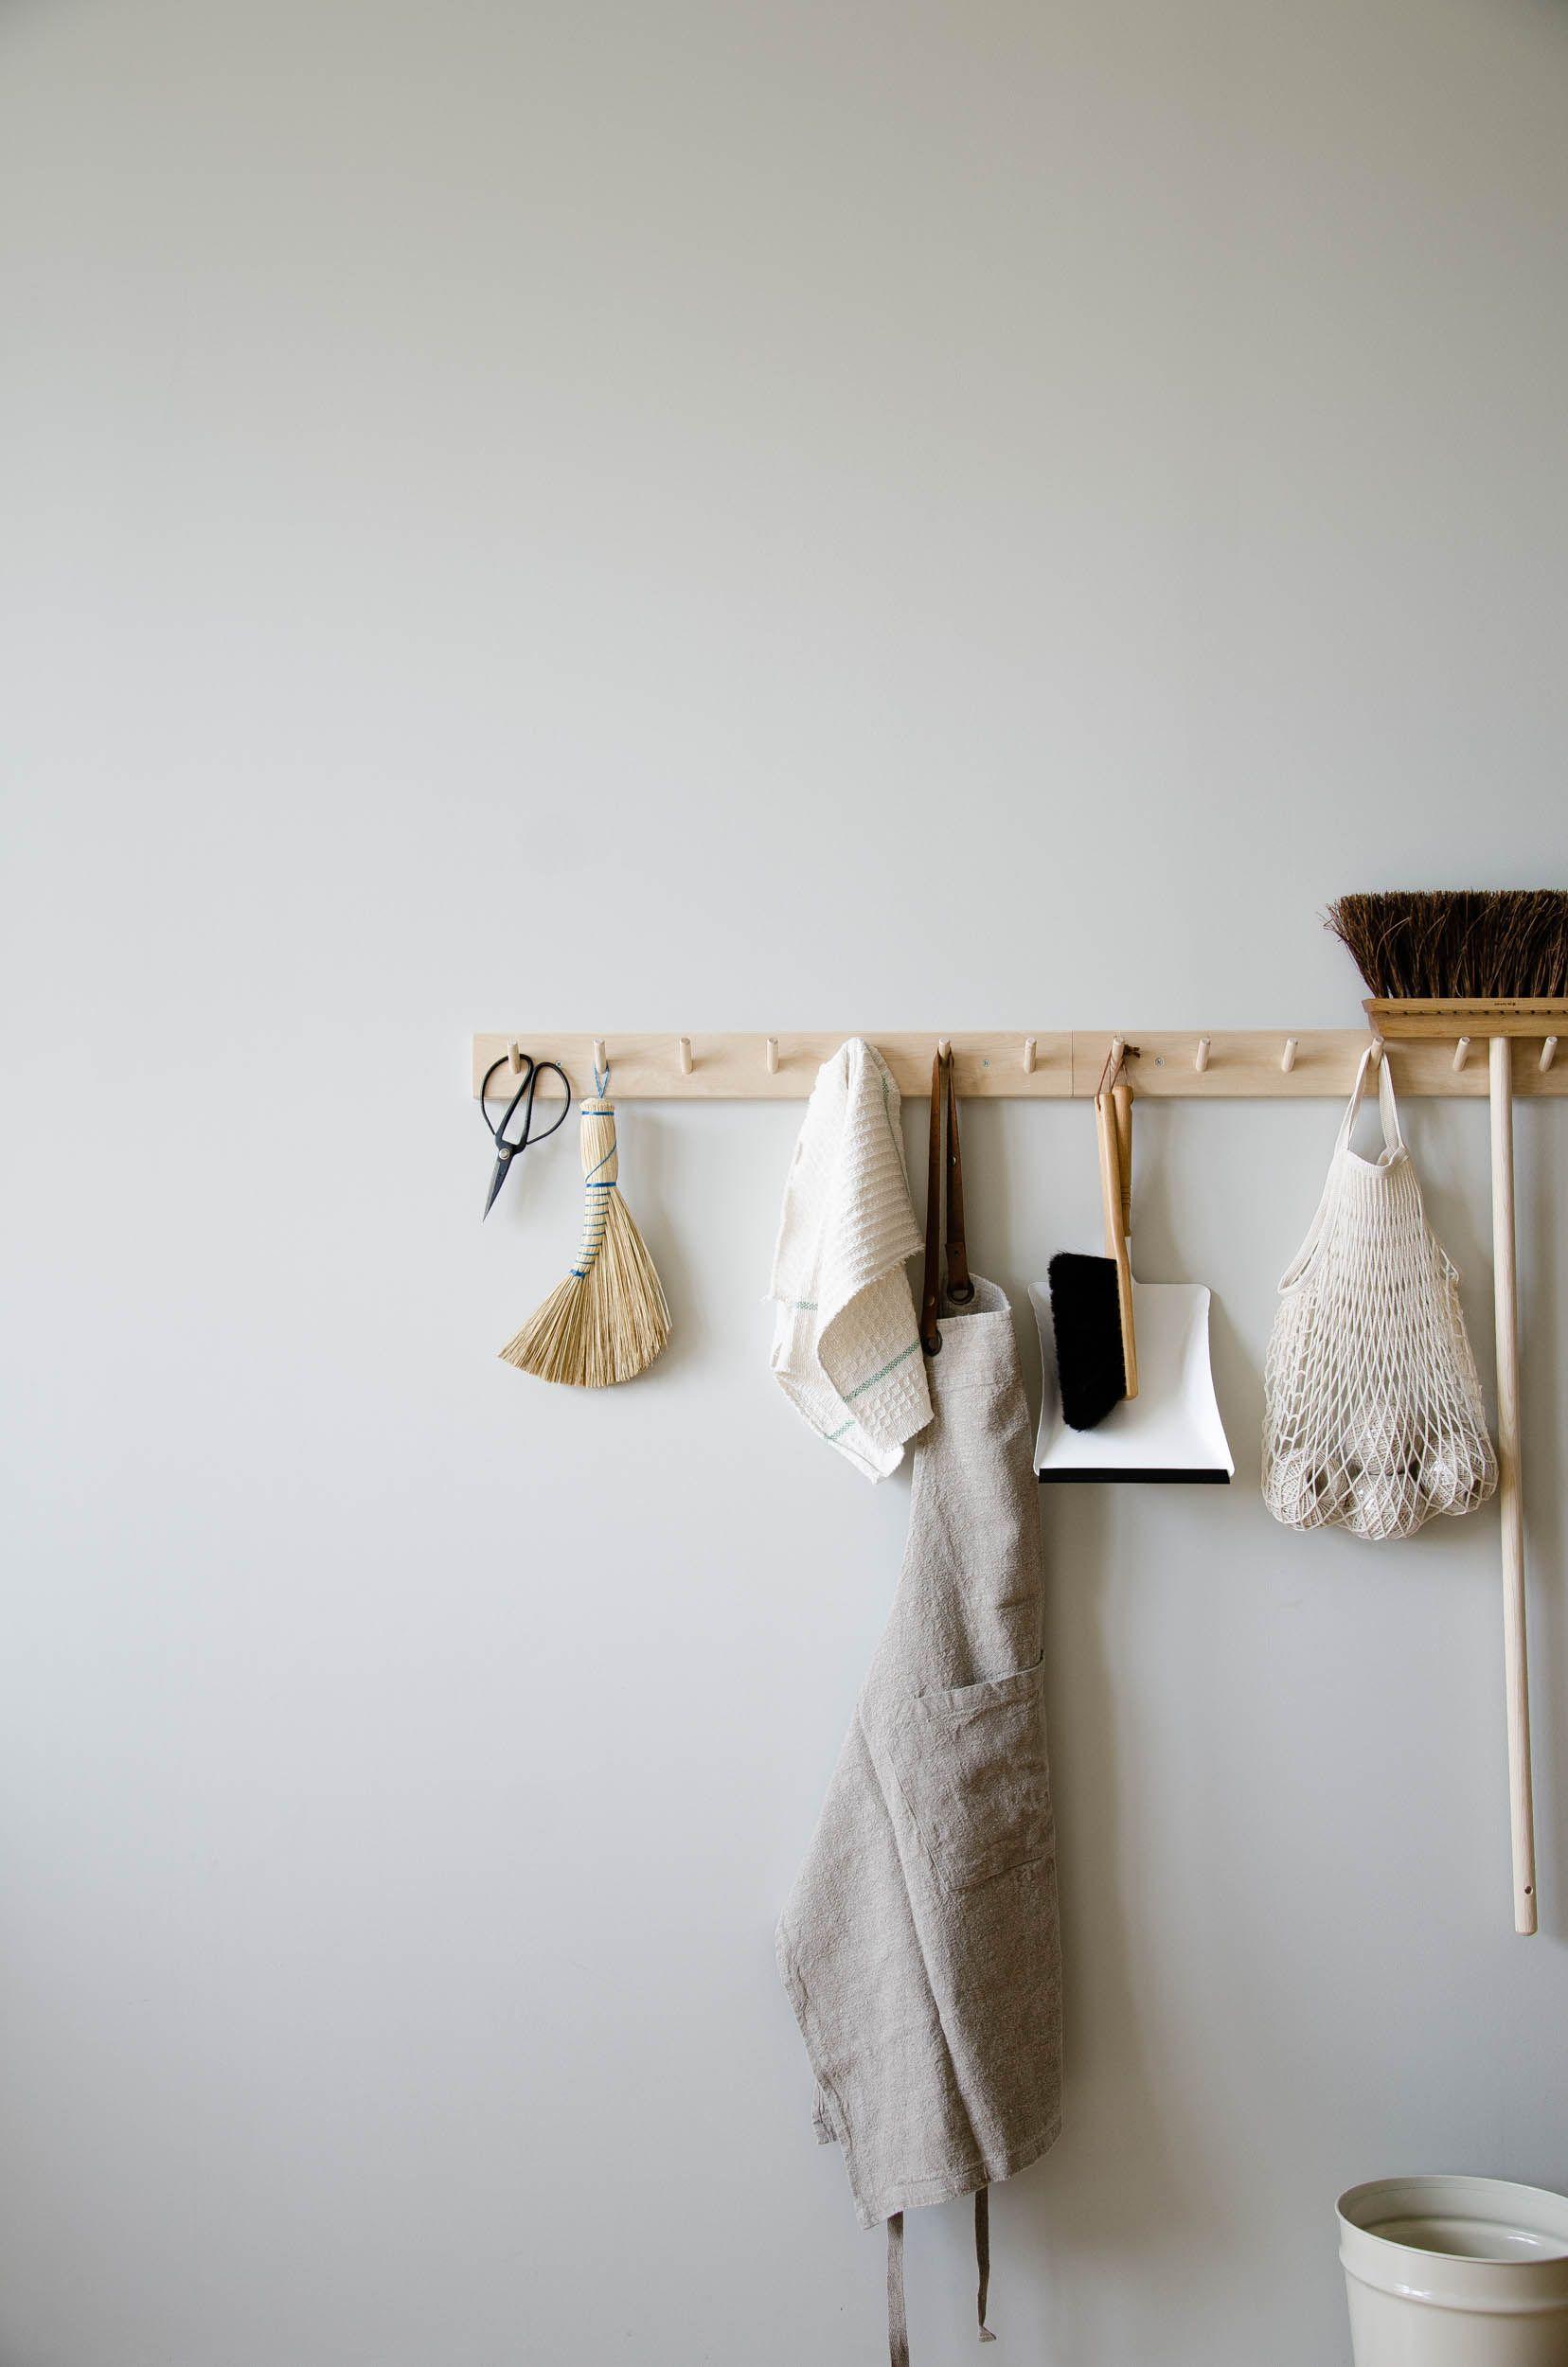 Pin von Jodi auf kitchen | Pinterest | Flure, Küche und Diy regal